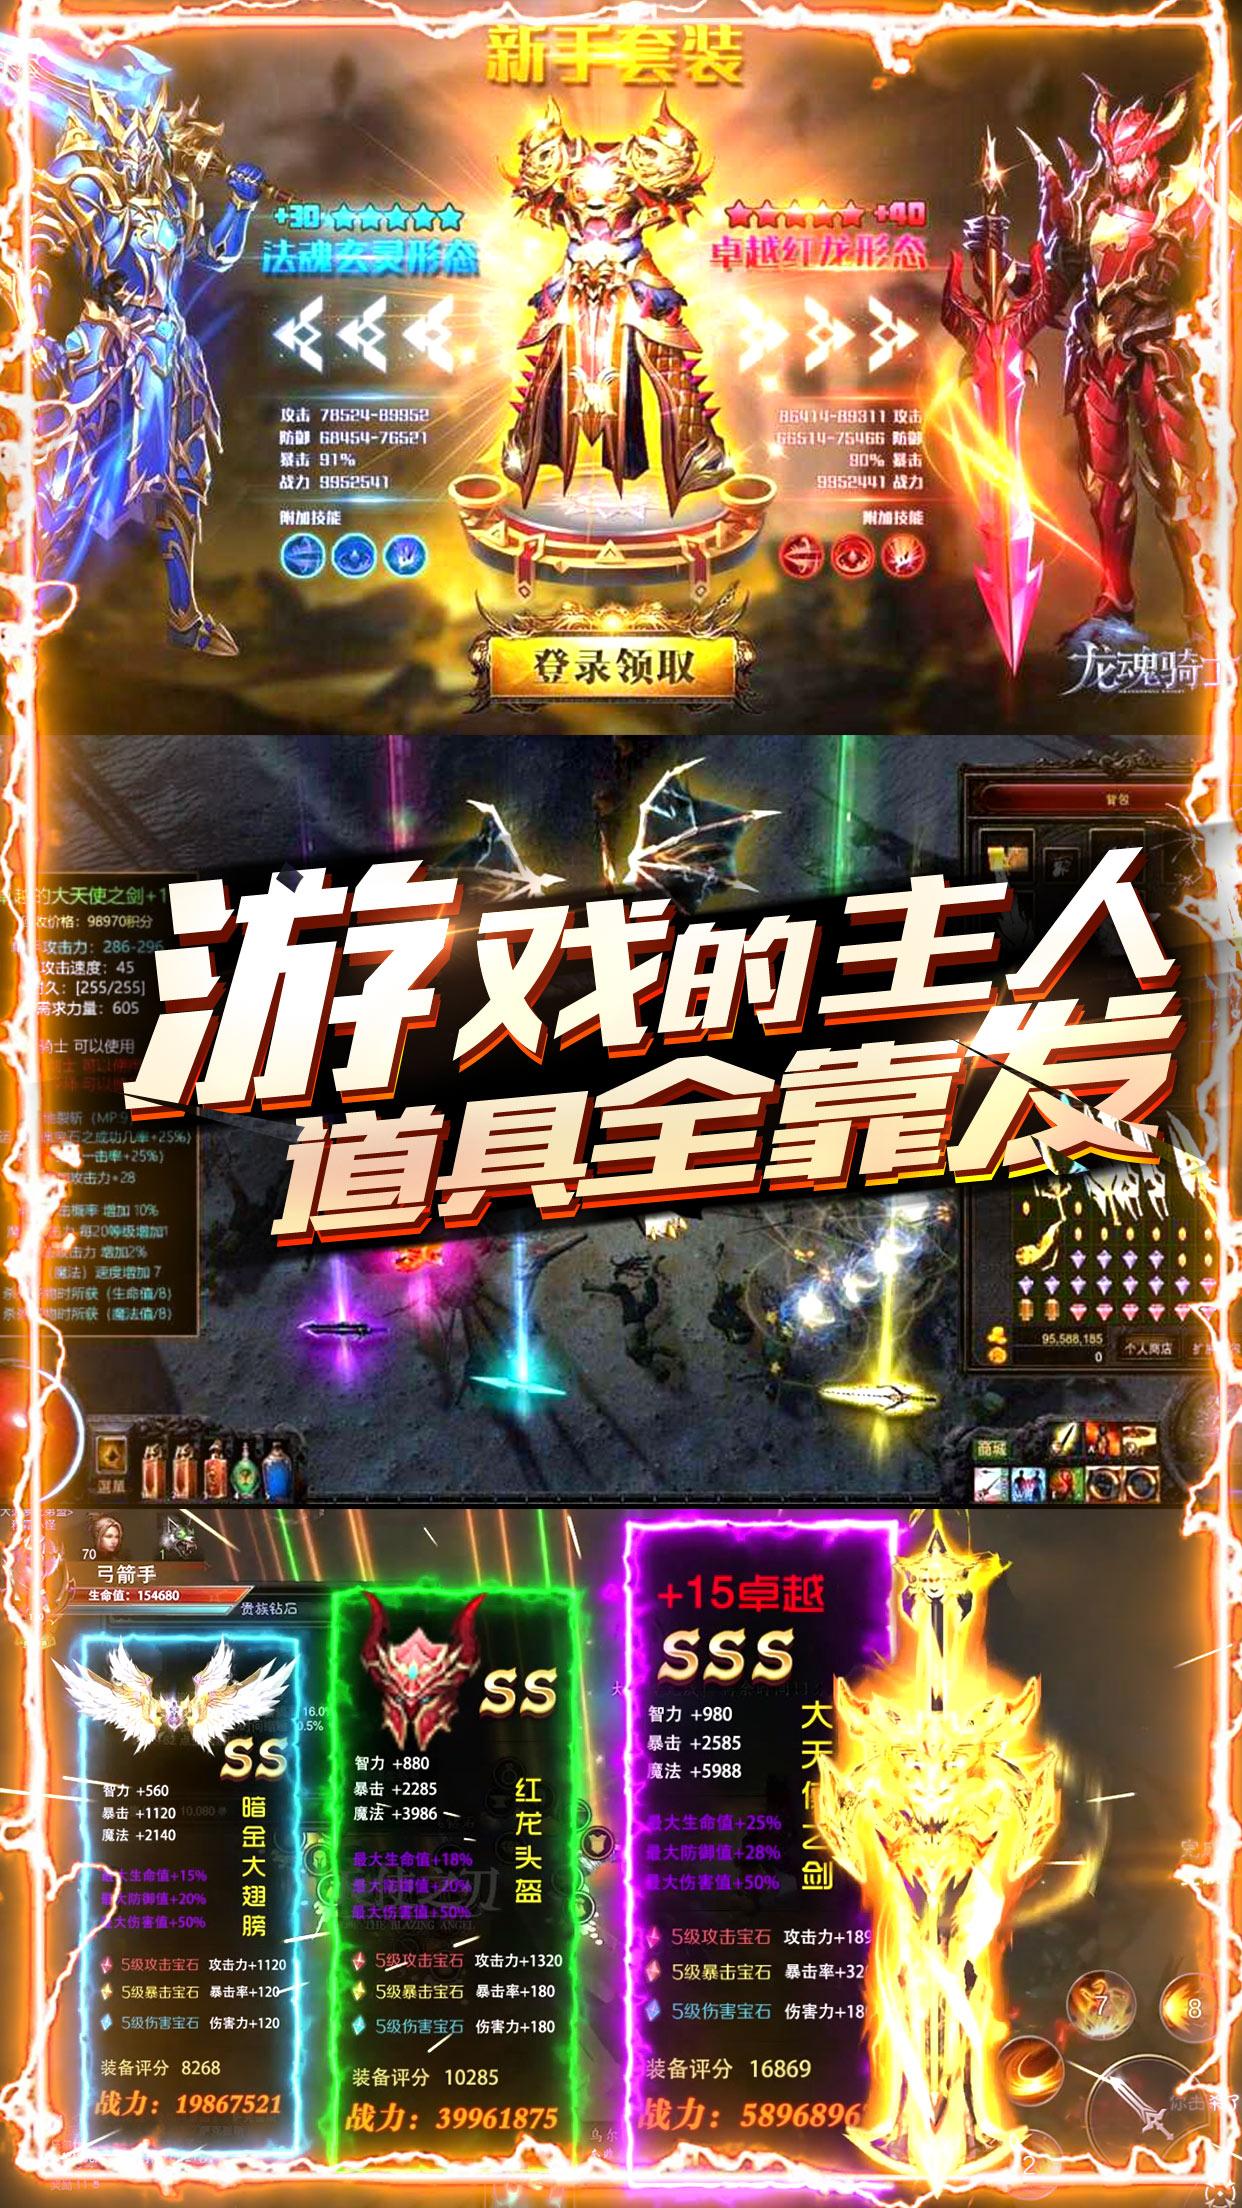 星空神曲(GM版)游戏截图3